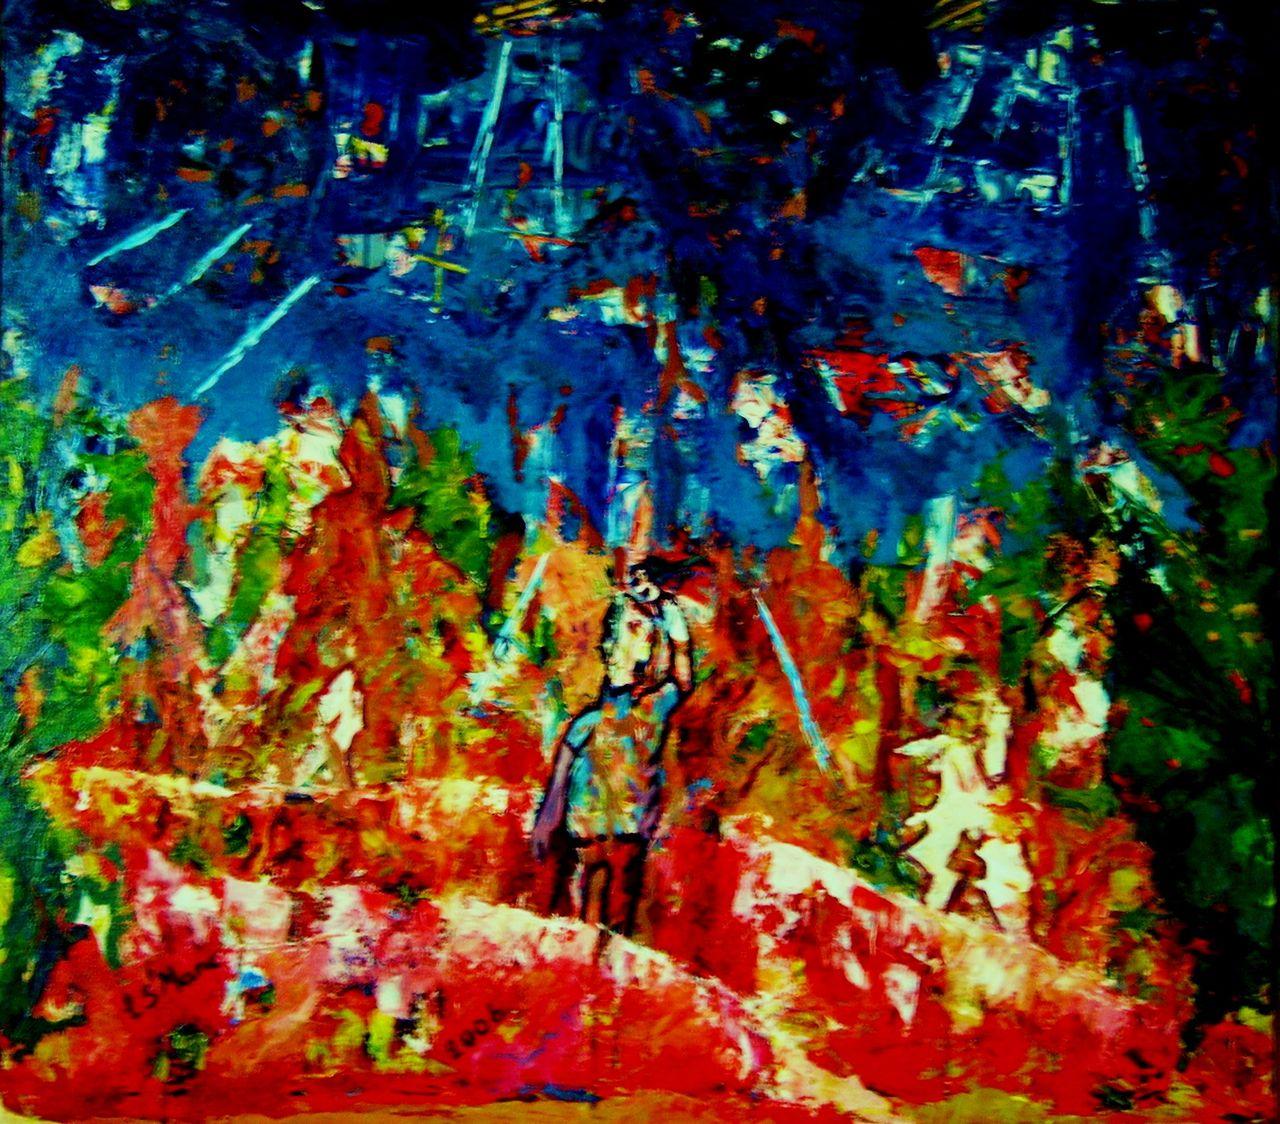 christian saint marc le salut de l'artiste 2006